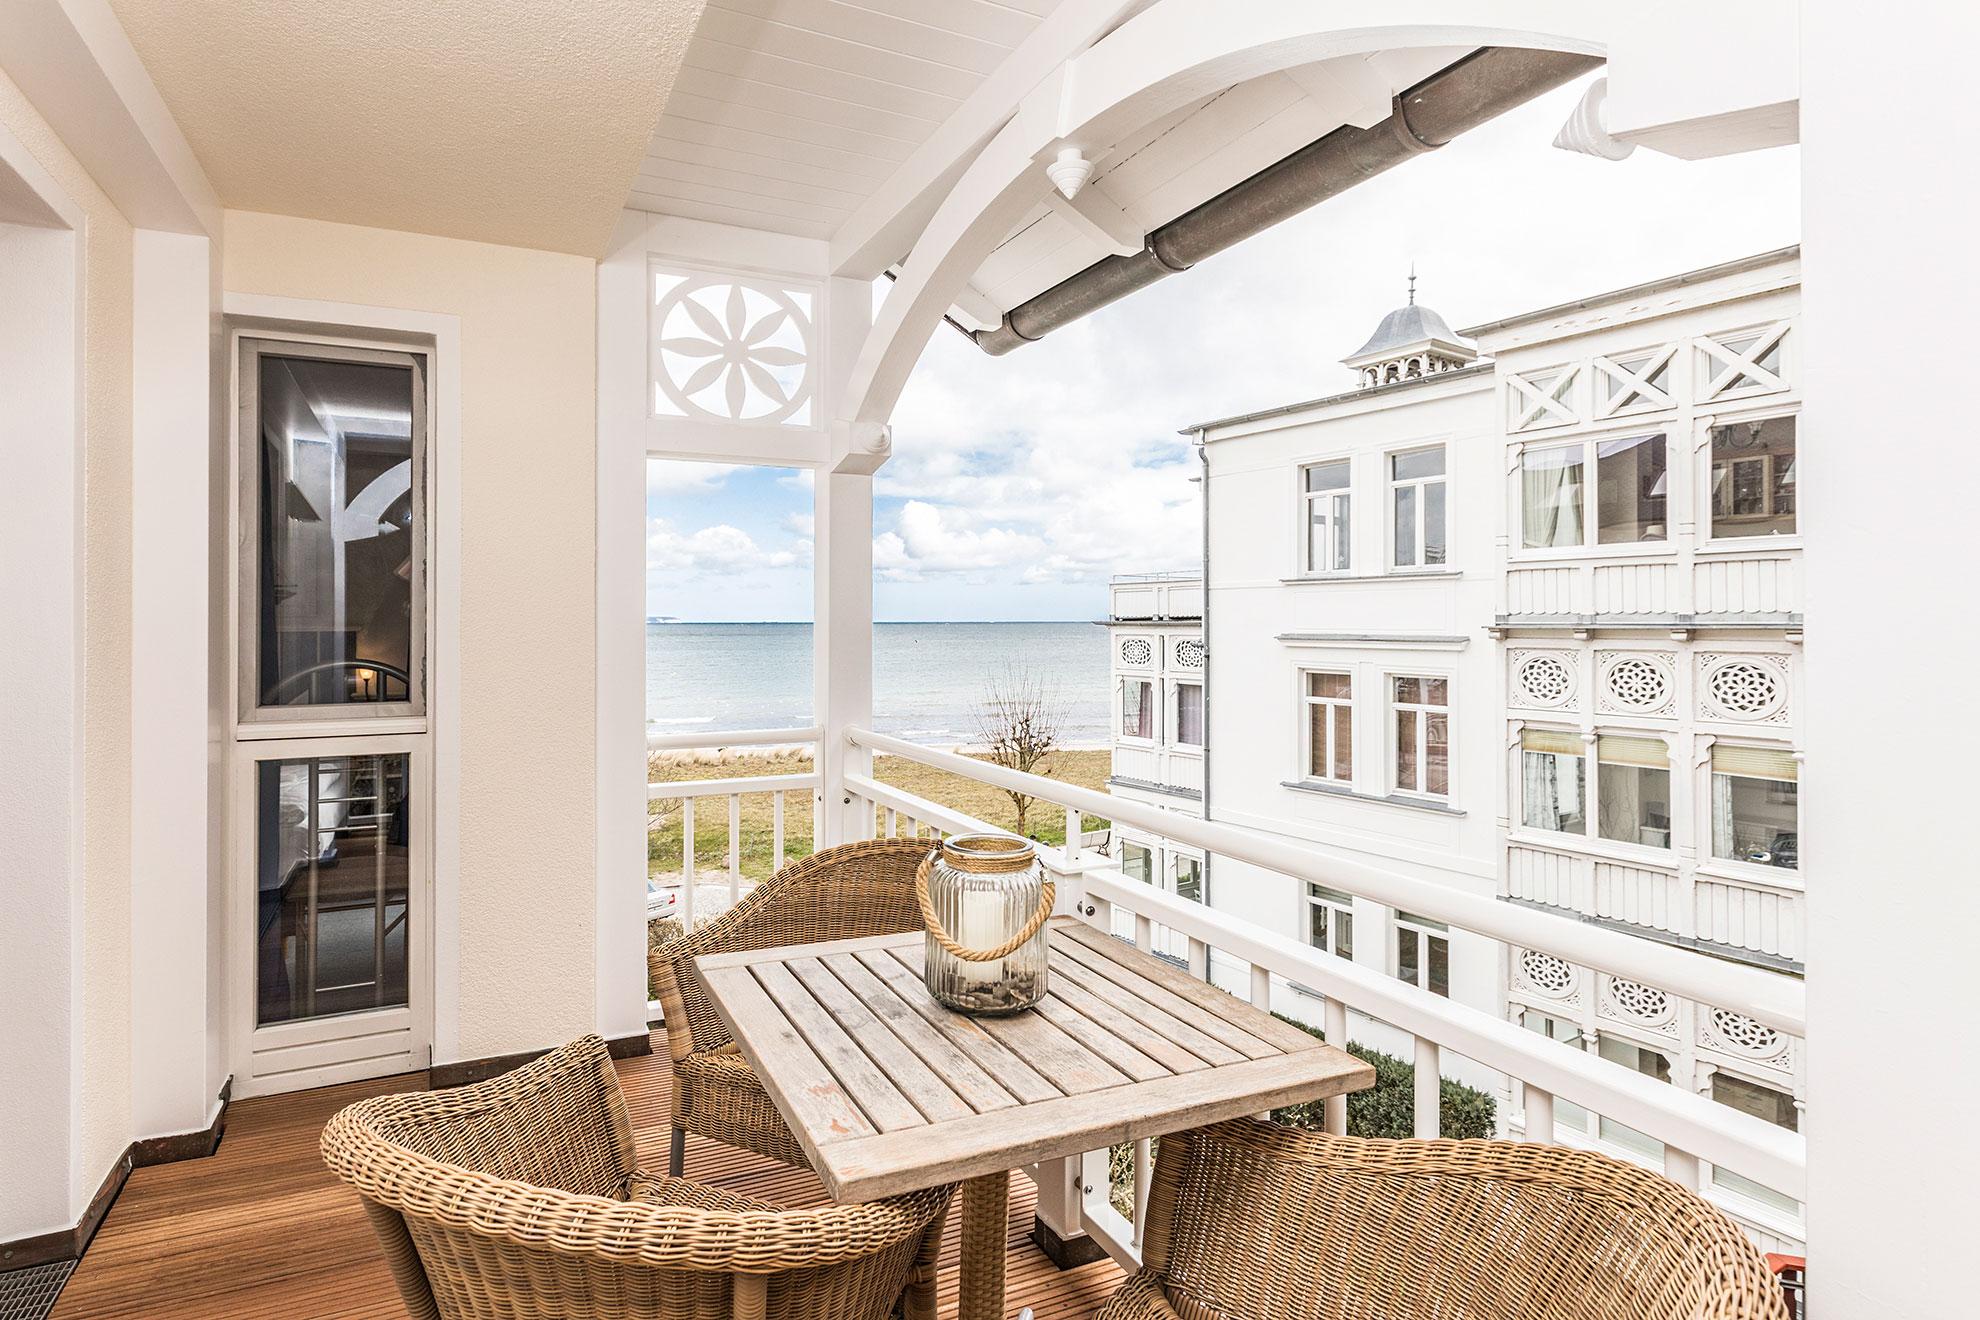 Ferienwohnung in der Villa Strandperle Binz - Appartement 17